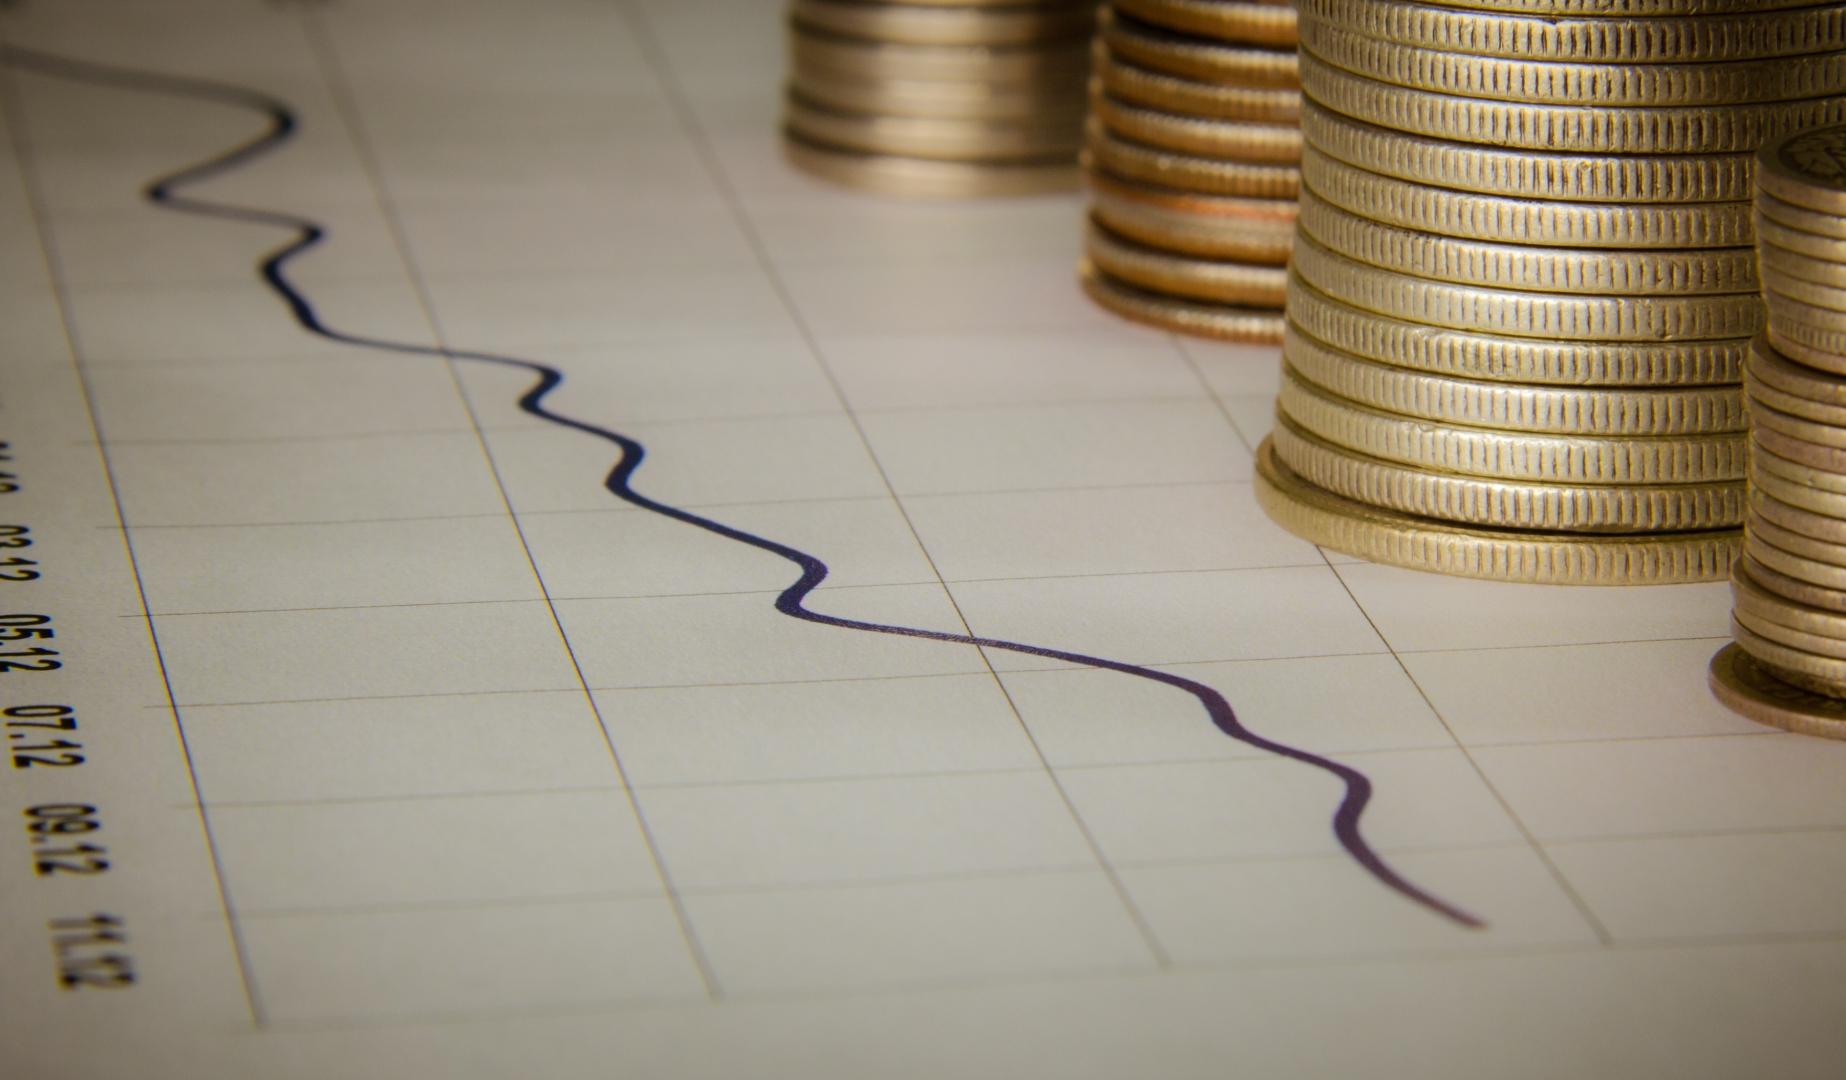 В России могут внедрить новый метод расчёта инфляции